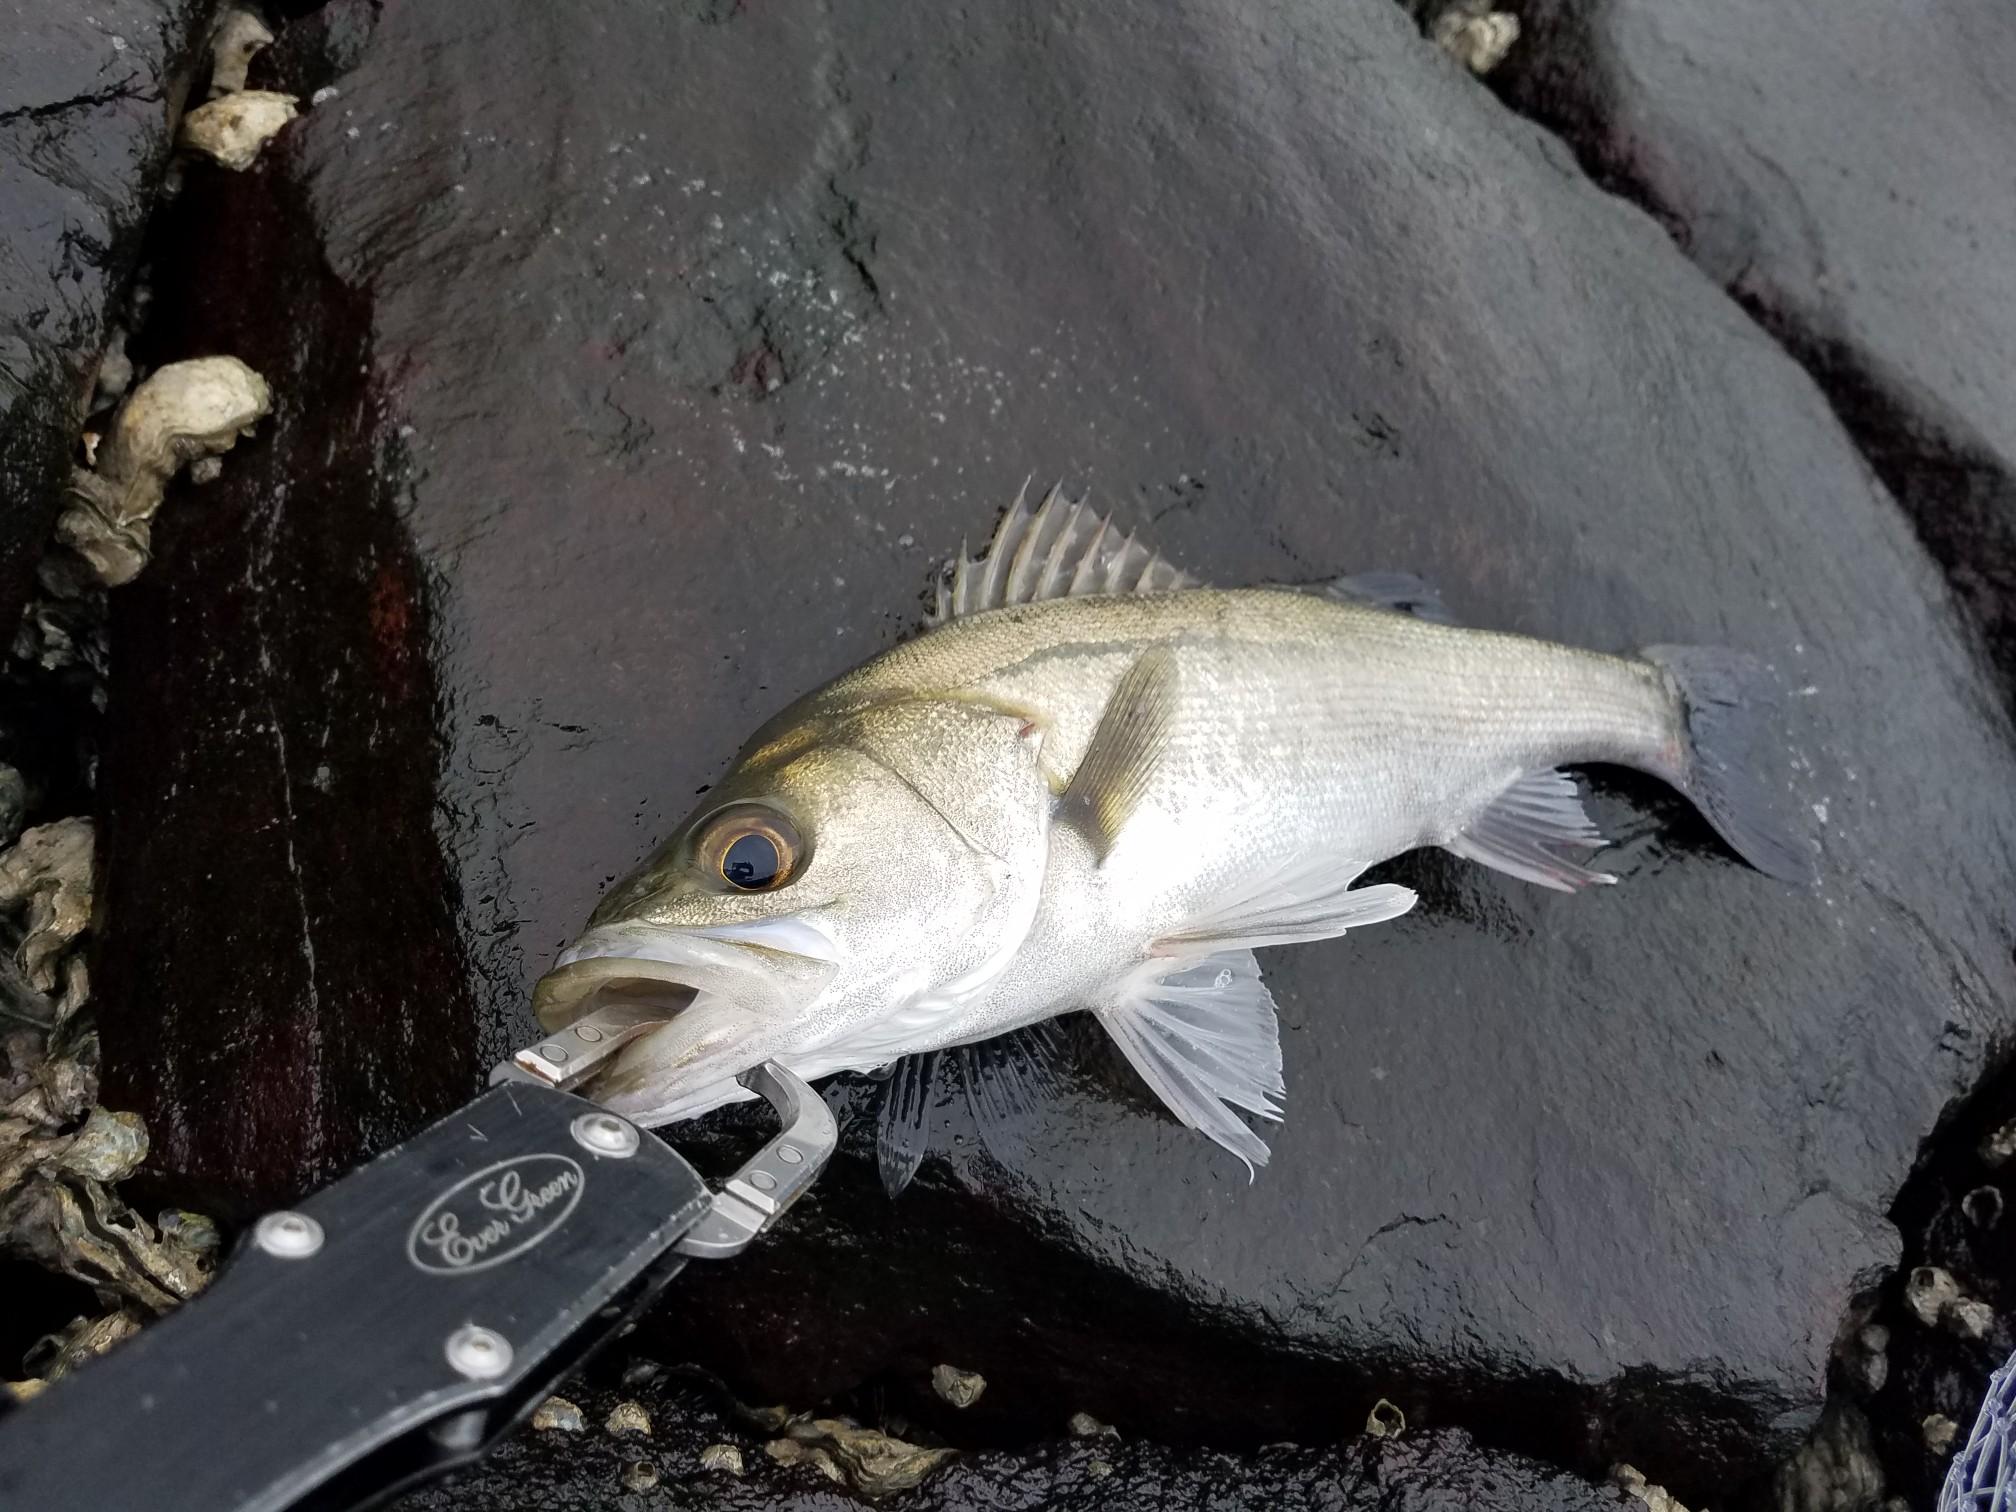 シーバス釣り フィッシュグリップ